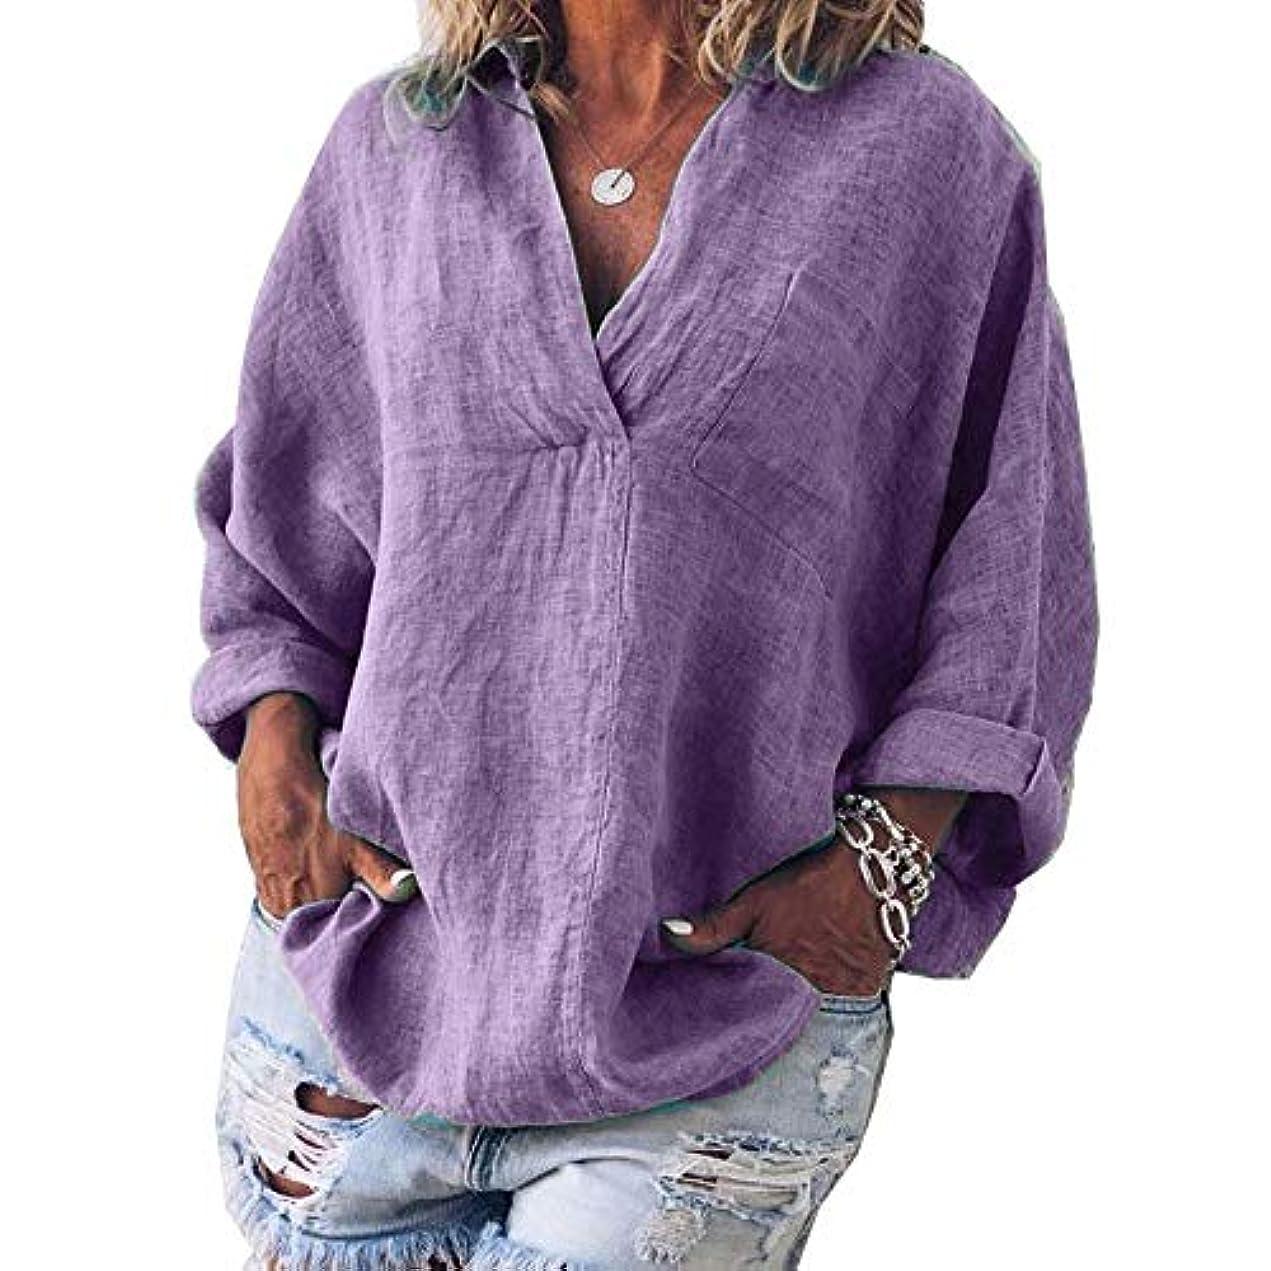 ガチョウ買収弾丸MIFAN女性ファッション春夏チュニックトップス深いVネックTシャツ長袖プルオーバールーズリネンブラウス